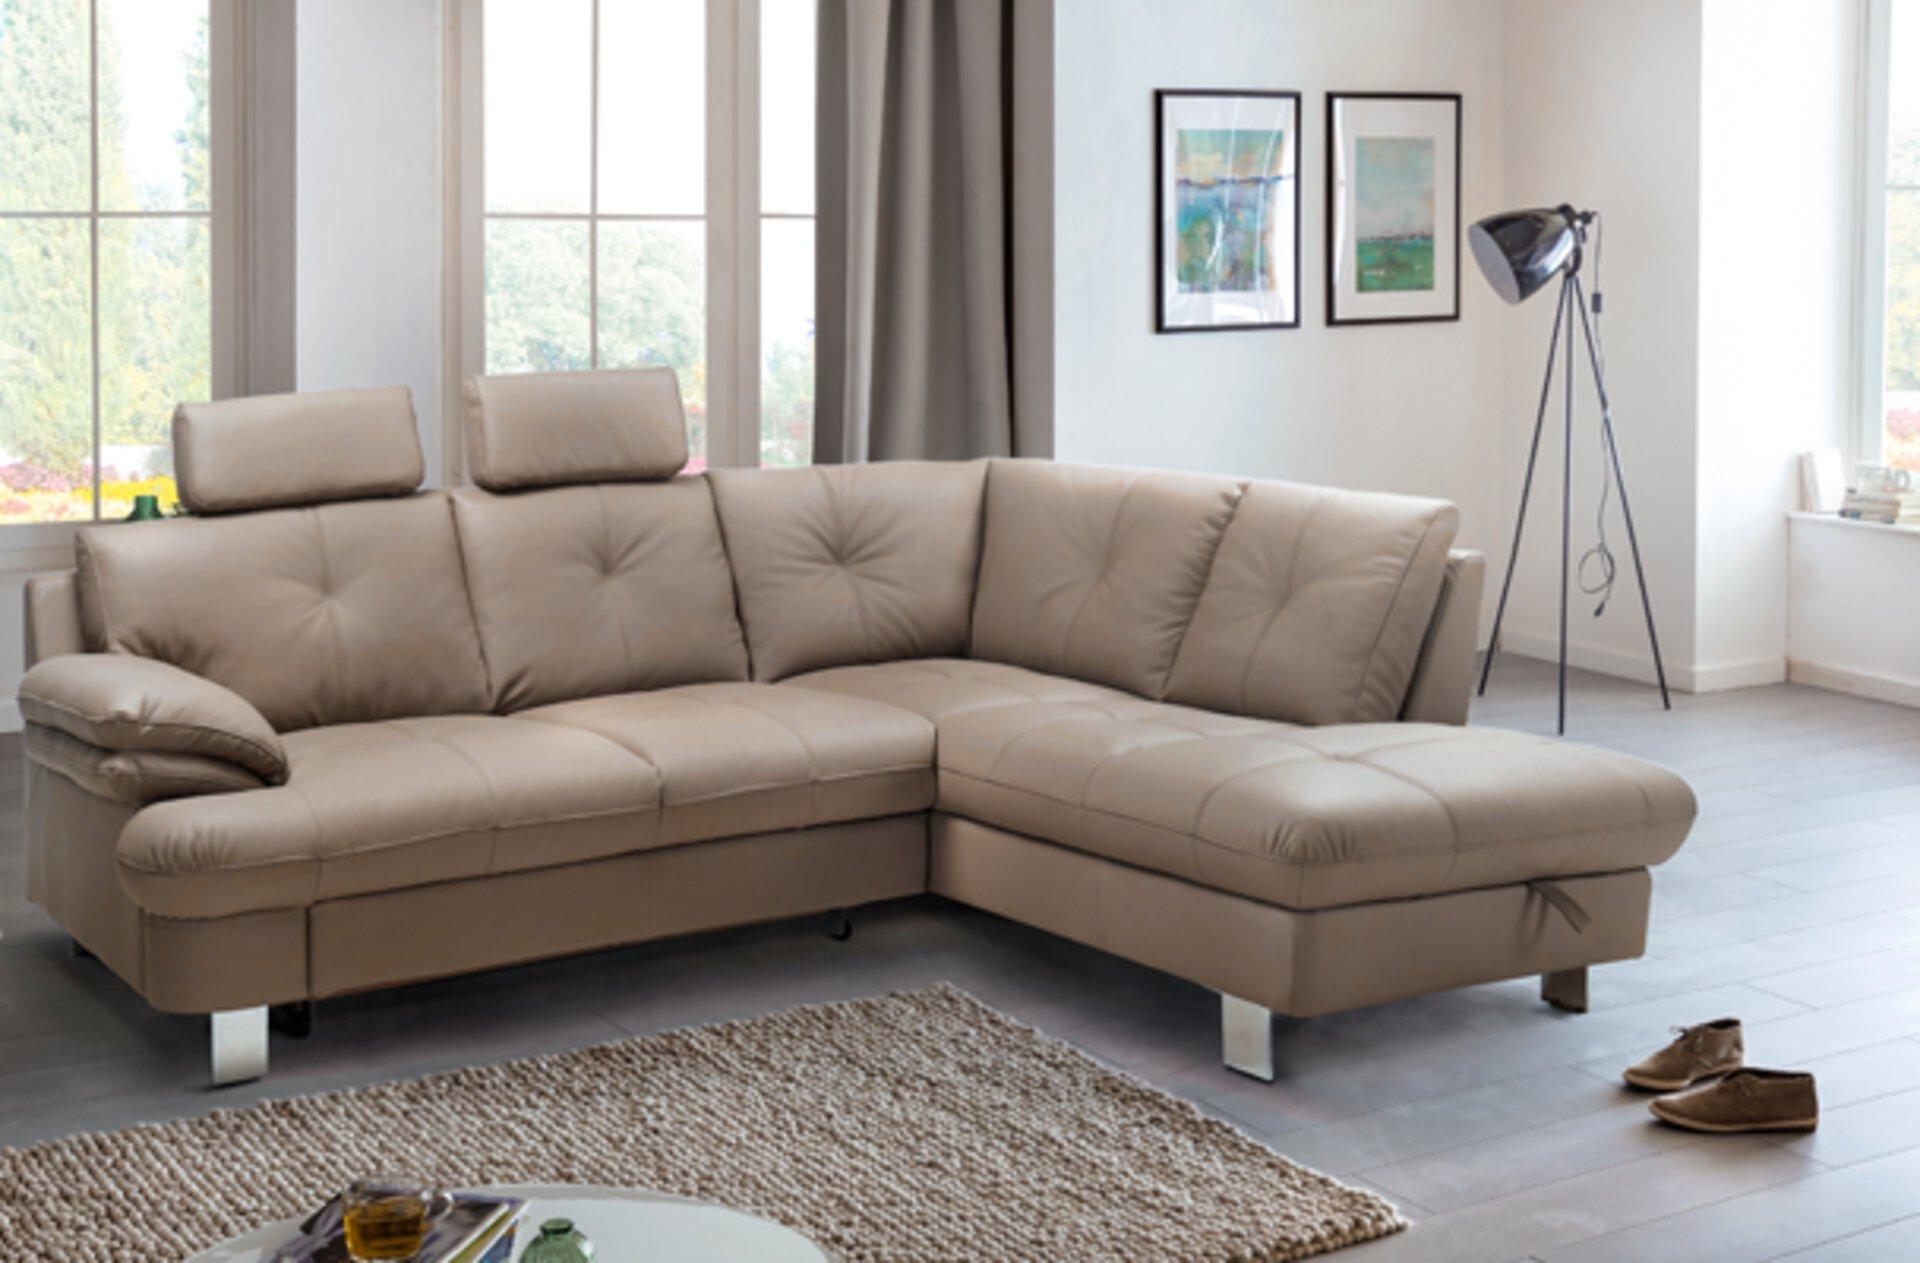 möbel wohnen wohnzimmer couch sofa garnitur hersteller marke